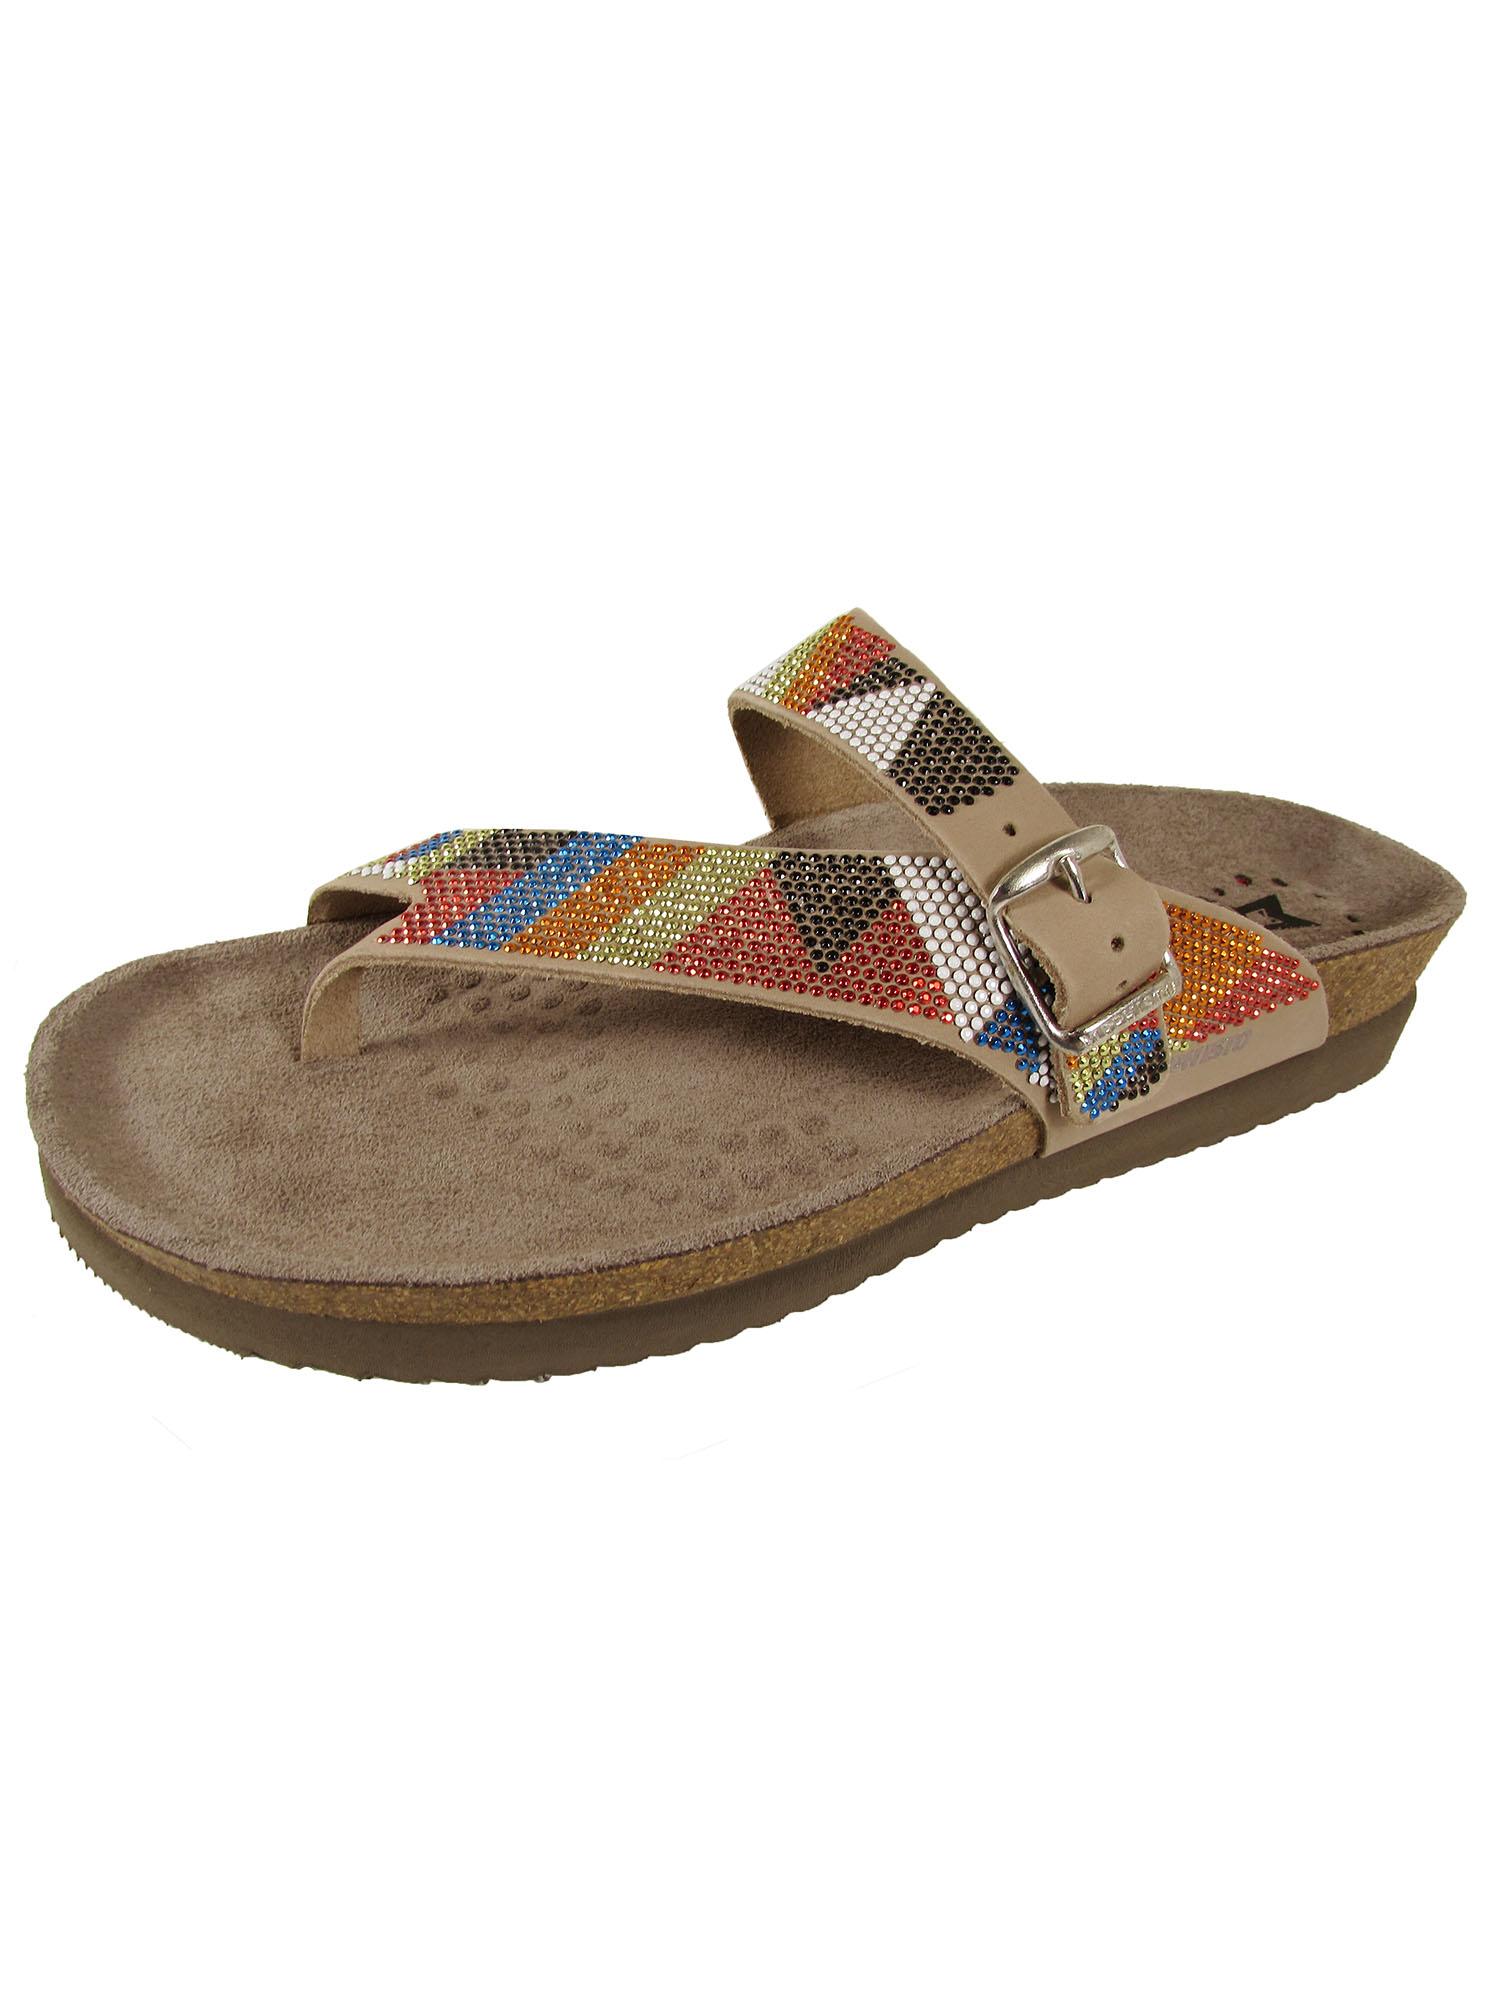 Mephisto donna Helen Spark N Thong Thong Thong Sandal scarpe, Light Sand rosso blu, US 12 3b76af